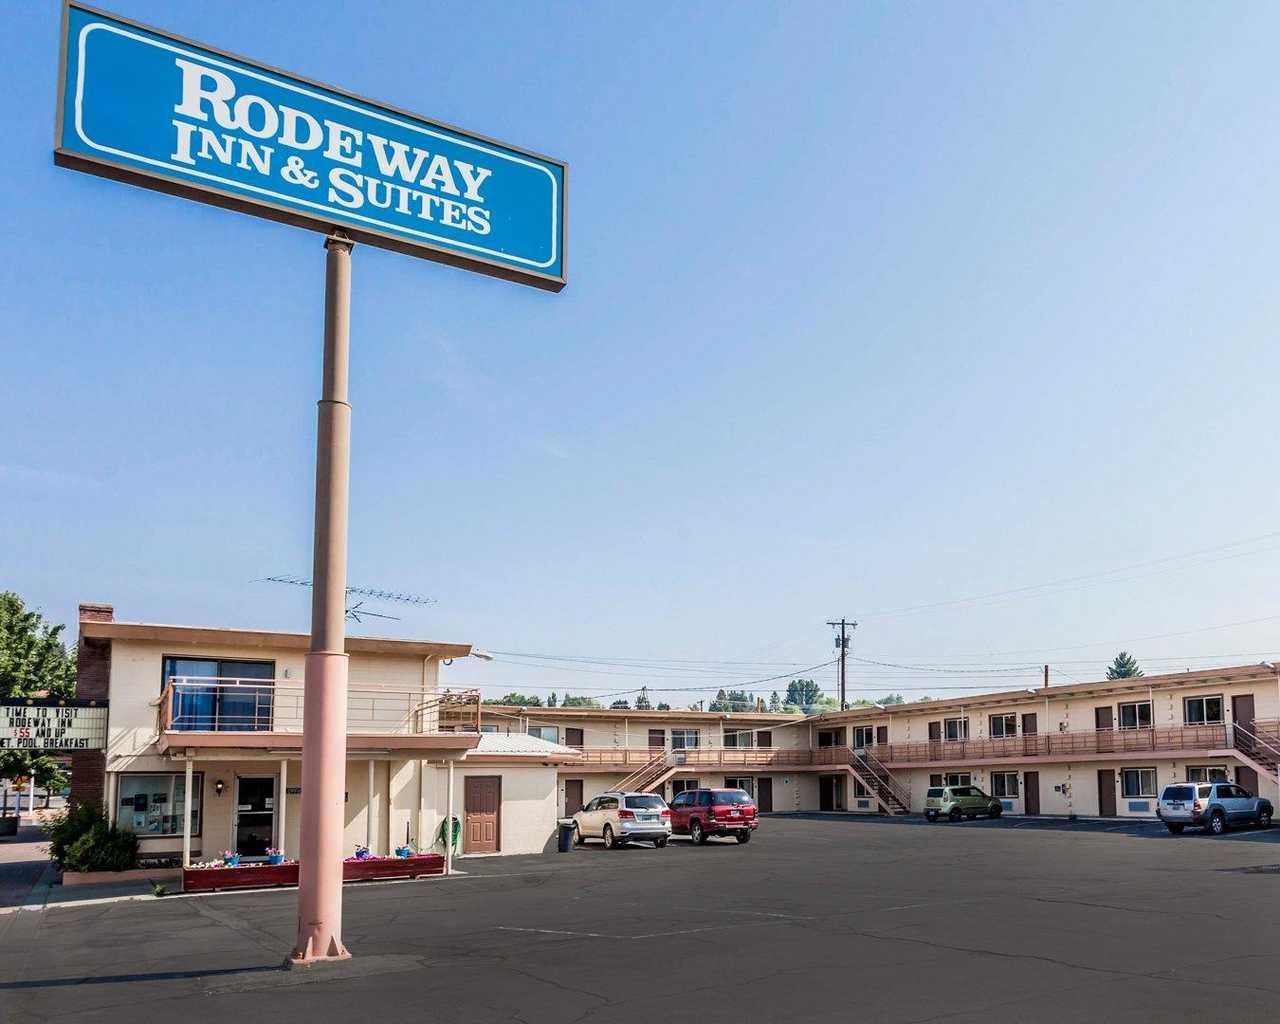 Omak Rodeway Inn & Suites